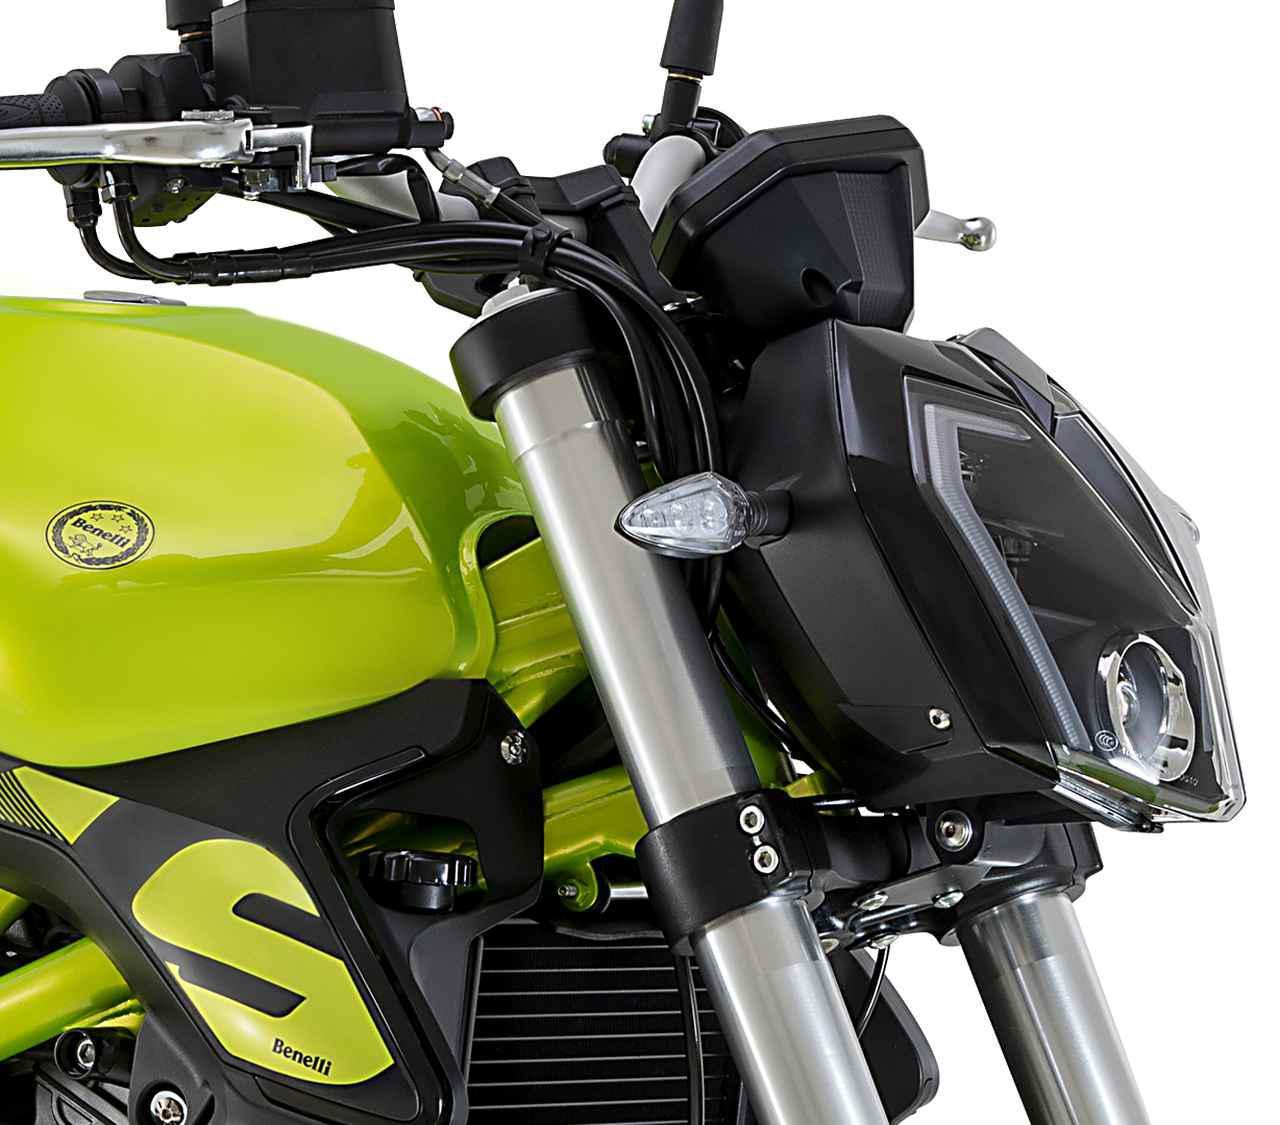 画像: ベネリ「TNT249S」の日本での正規販売が決定! ヨーロピアンデザインの水冷2気筒250ccネイキッドバイク【2021速報】 - webオートバイ